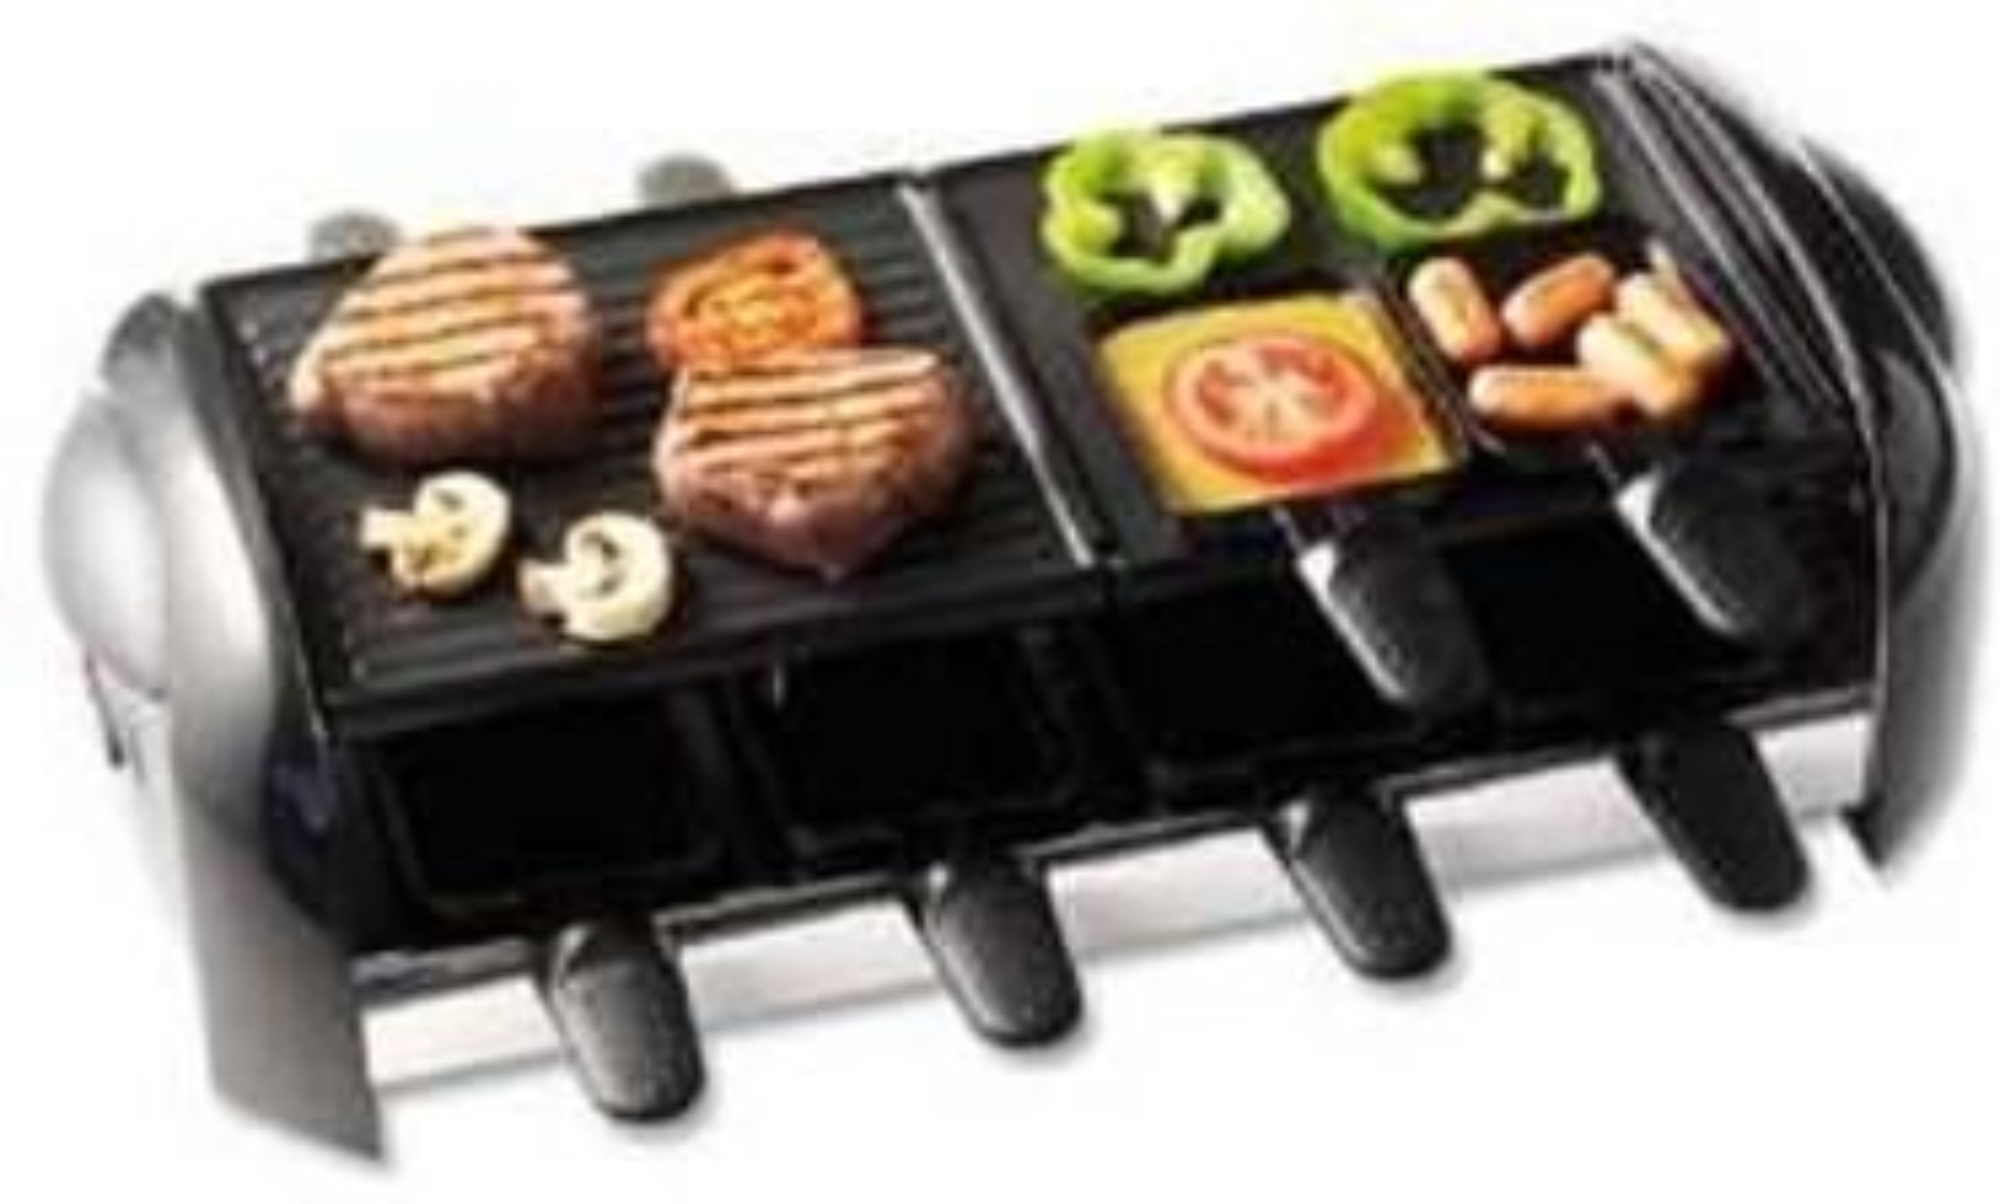 OBH Nordica Raclette 6924 - Priser, tester og tilbud - Grill - Prisguide.no